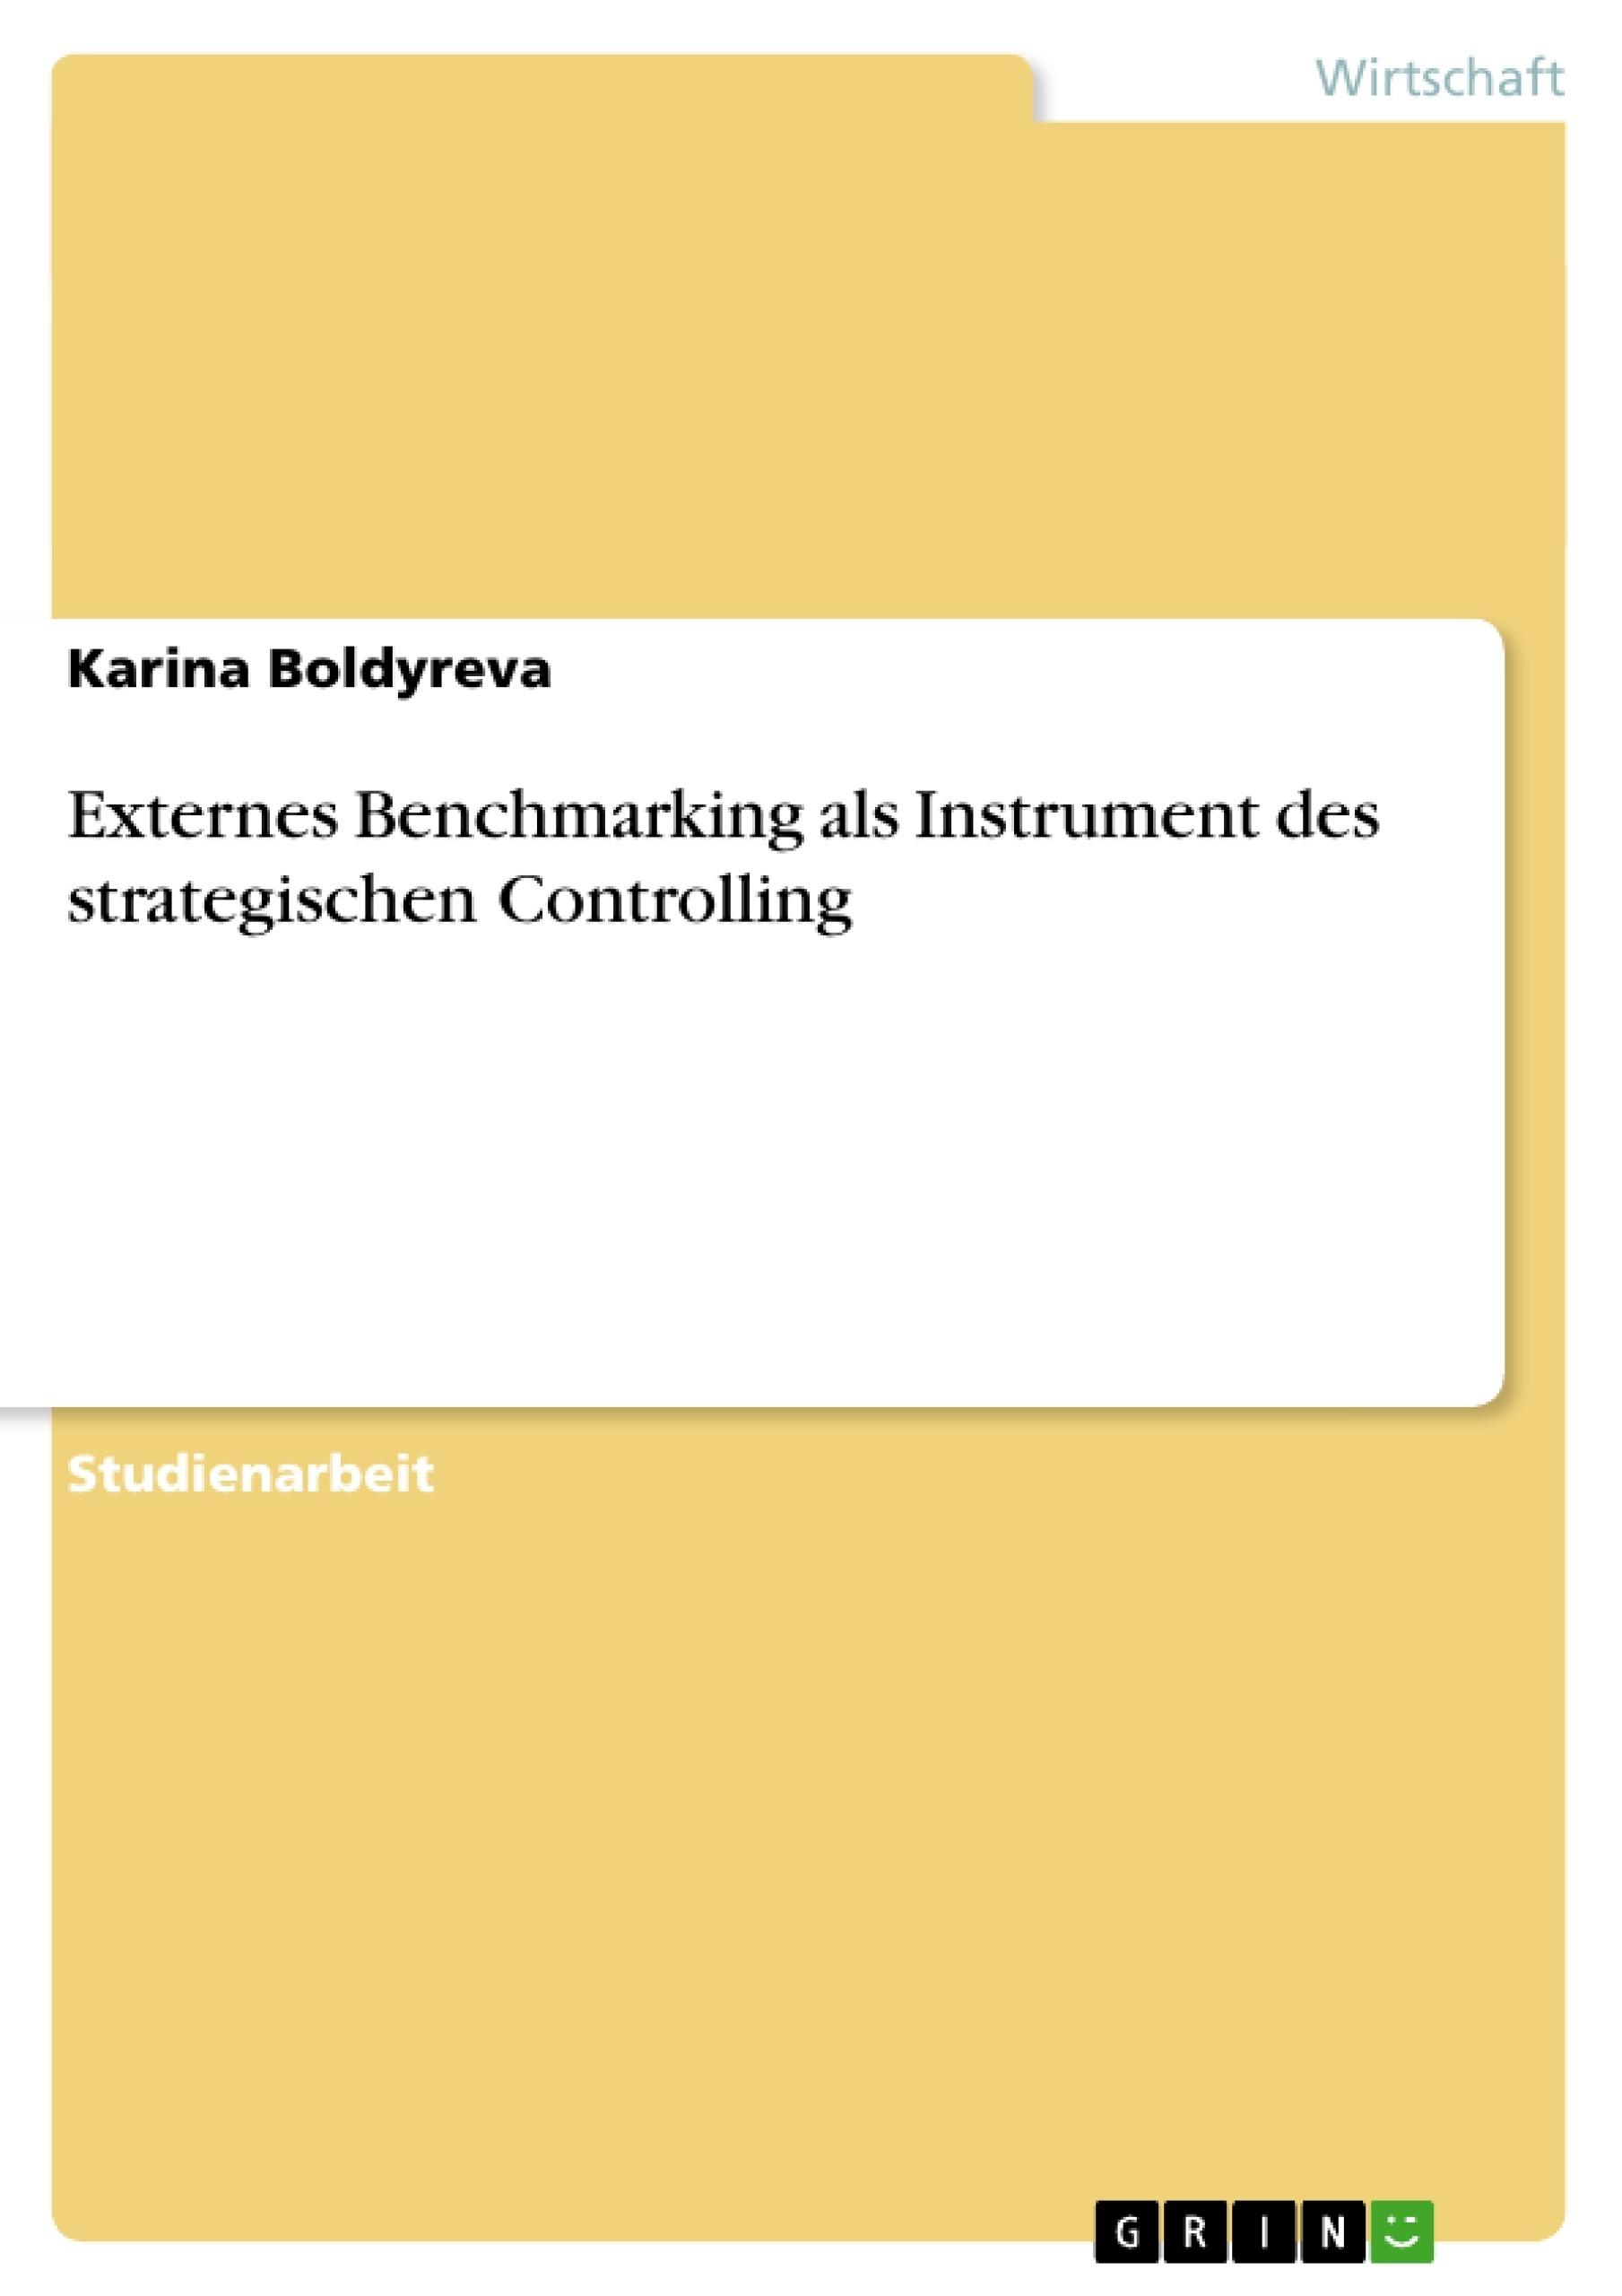 Titel: Externes Benchmarking als Instrument des strategischen Controlling